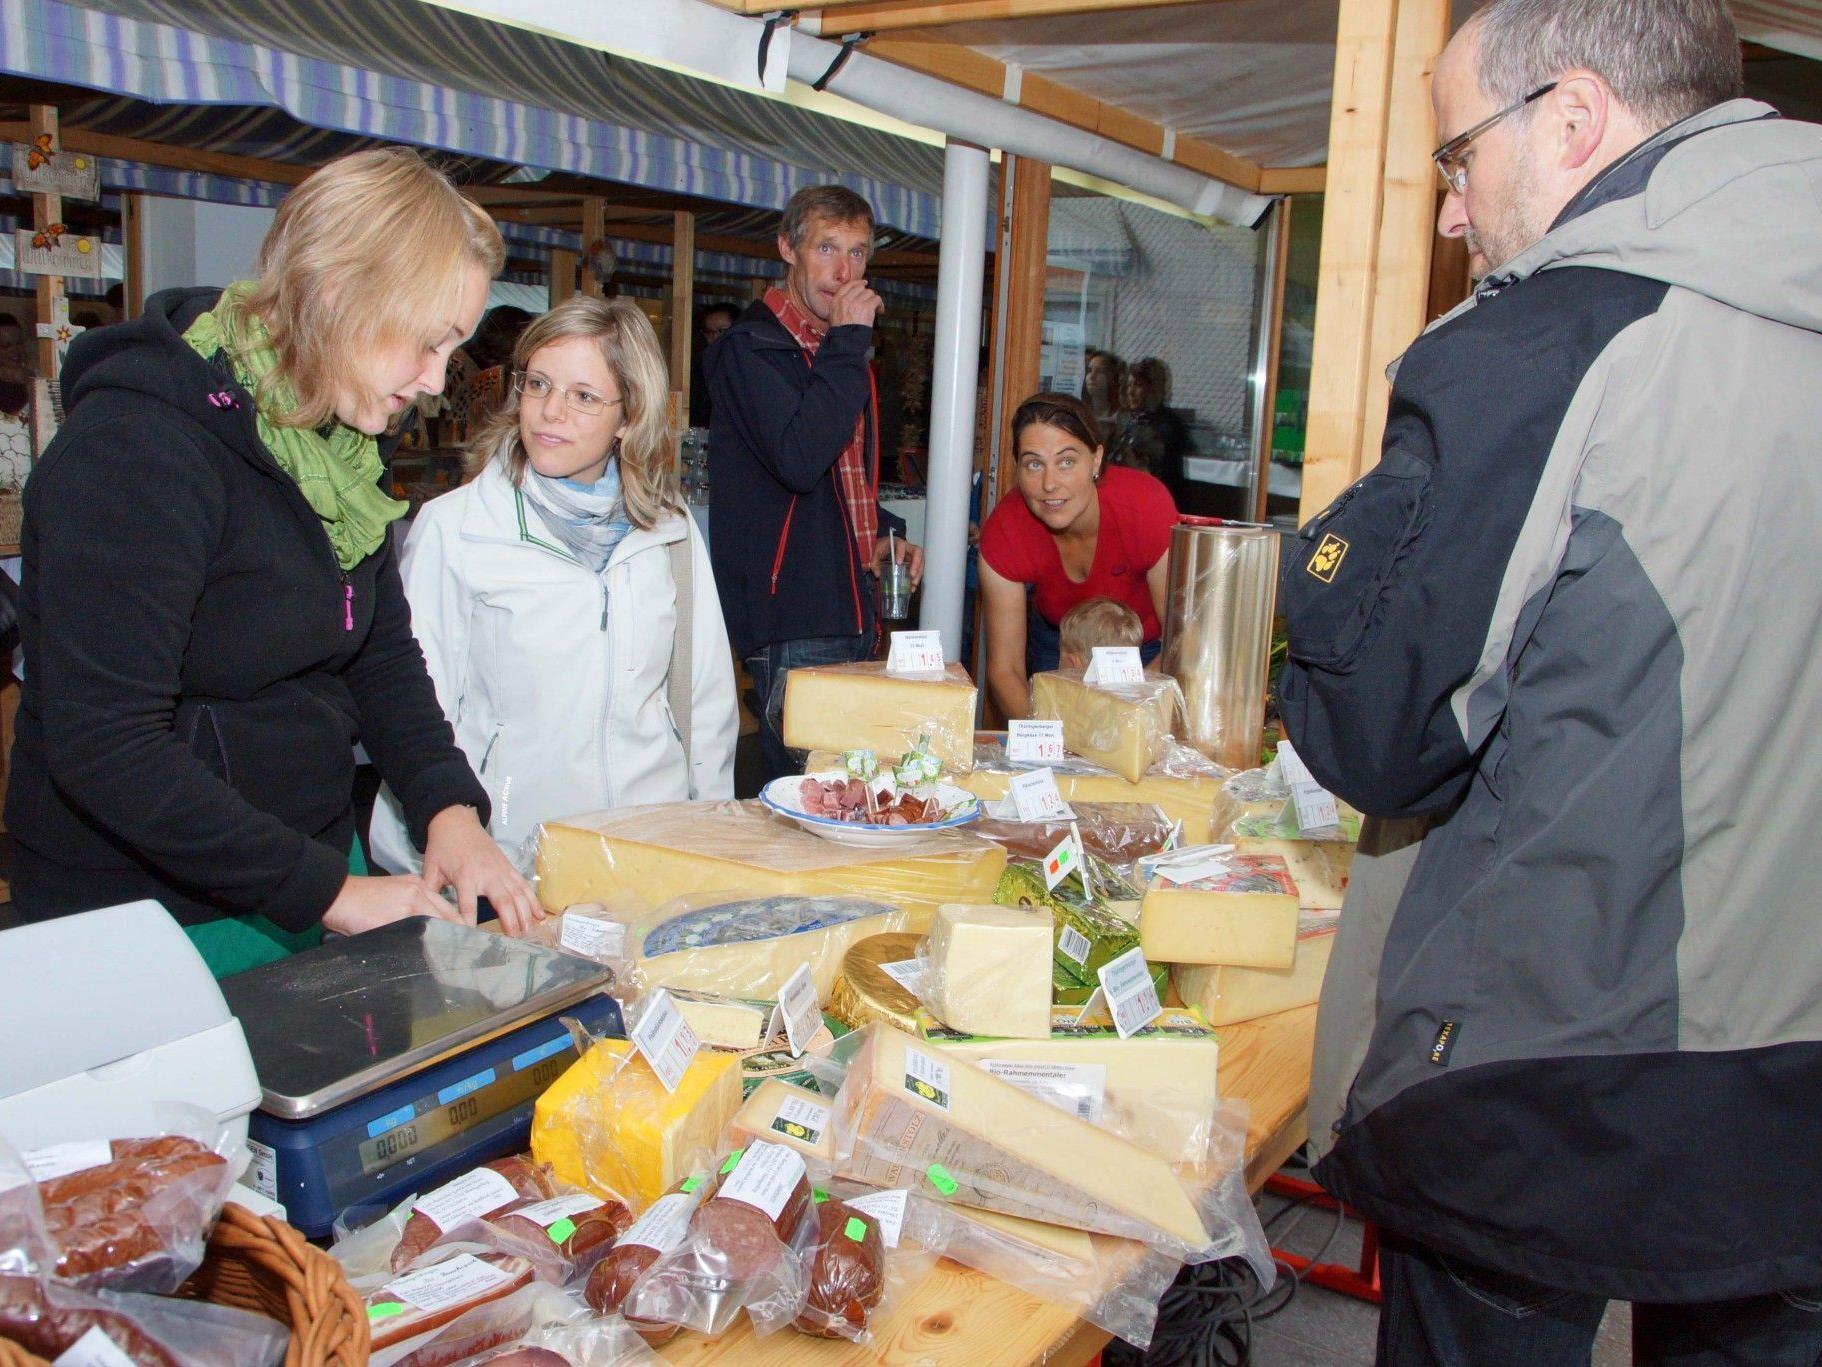 Dorfladen und Sennerei haben zur Verkostung ihrer Produkte eingeladen.